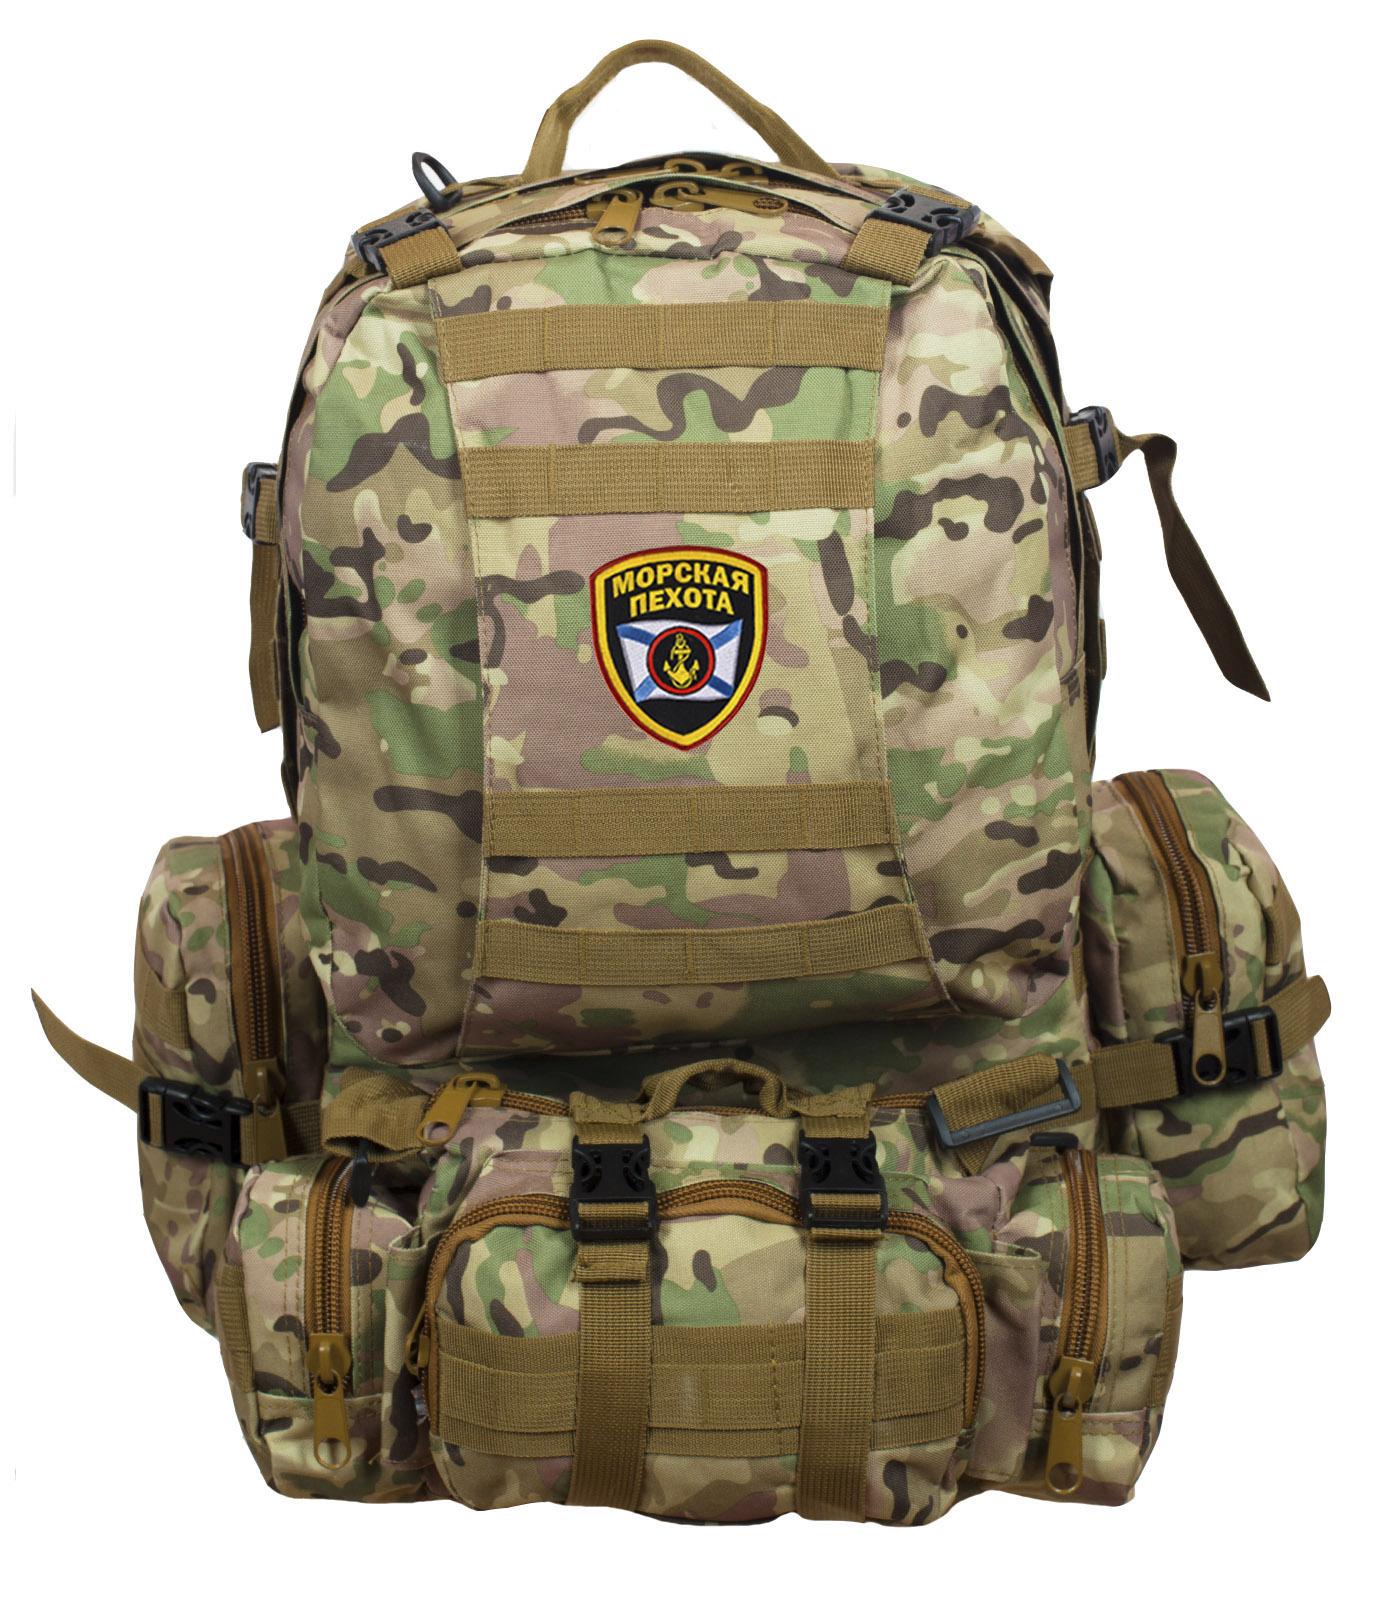 Купить в Москве тактический рейдовый рюкзак